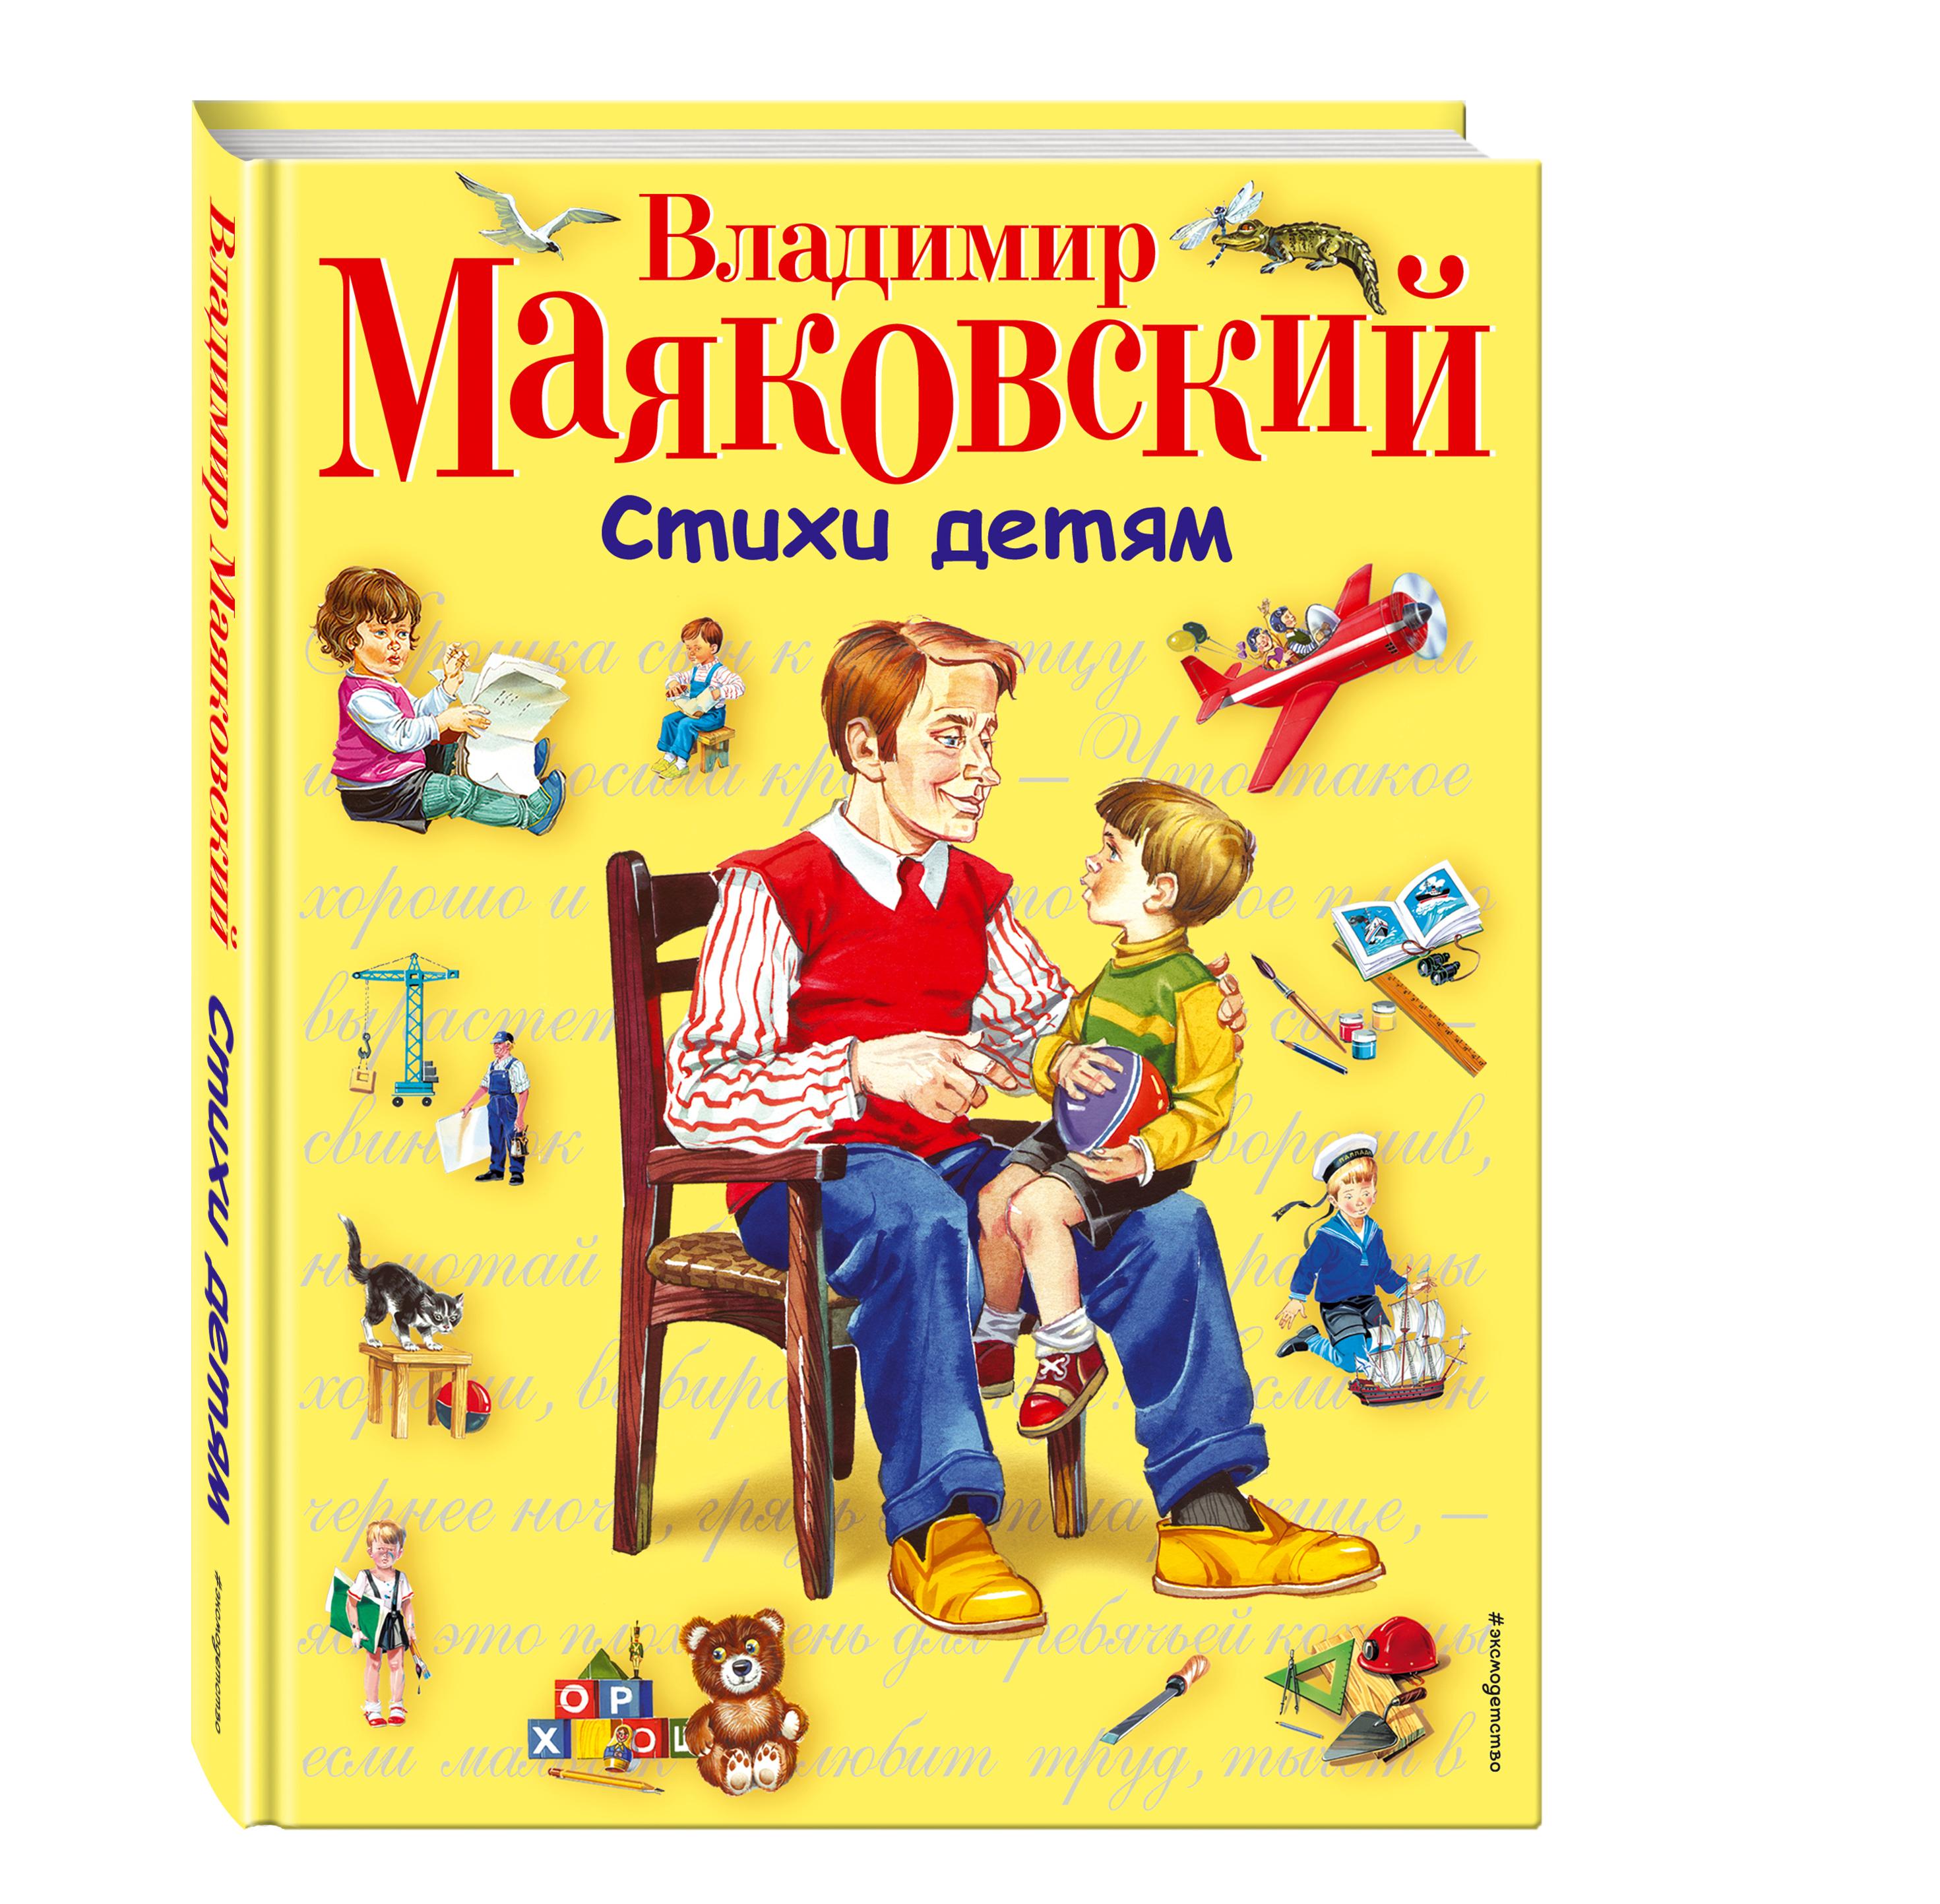 Владимир Маяковский Стихи детям (ил. В. Канивца) владимир малов что такое электричество